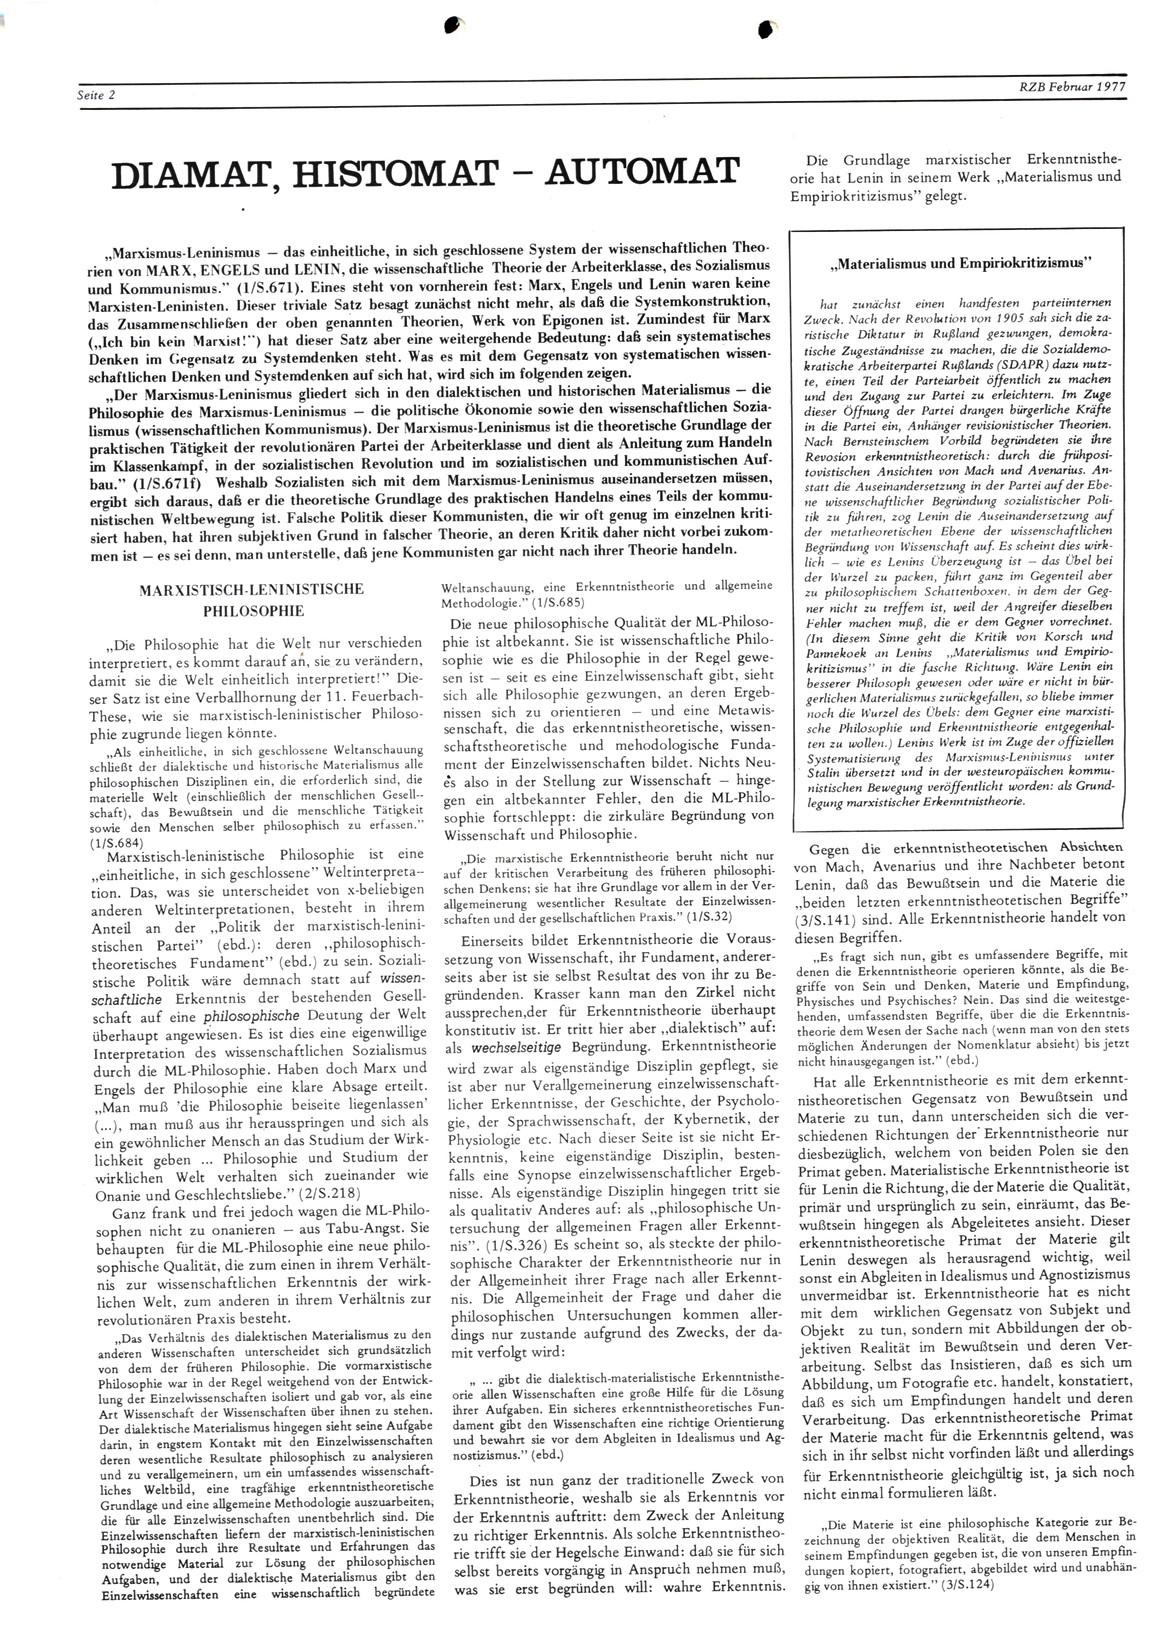 Bonn_RZ_07_08_19770200_02